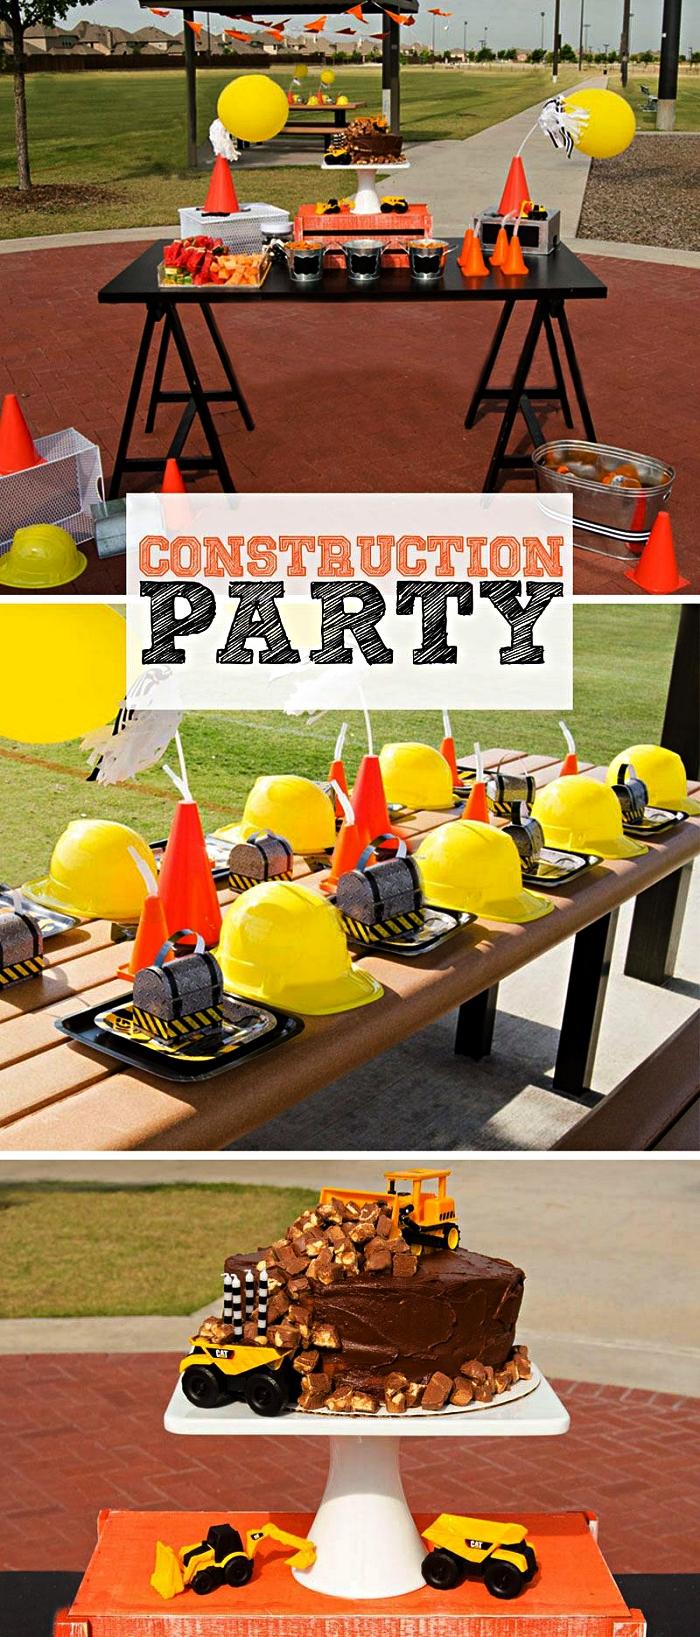 deco table anniversaire sur le thème chantier, gâteau au chocolat chantier, déco de table anniversaire originale avec chapeaux de construction